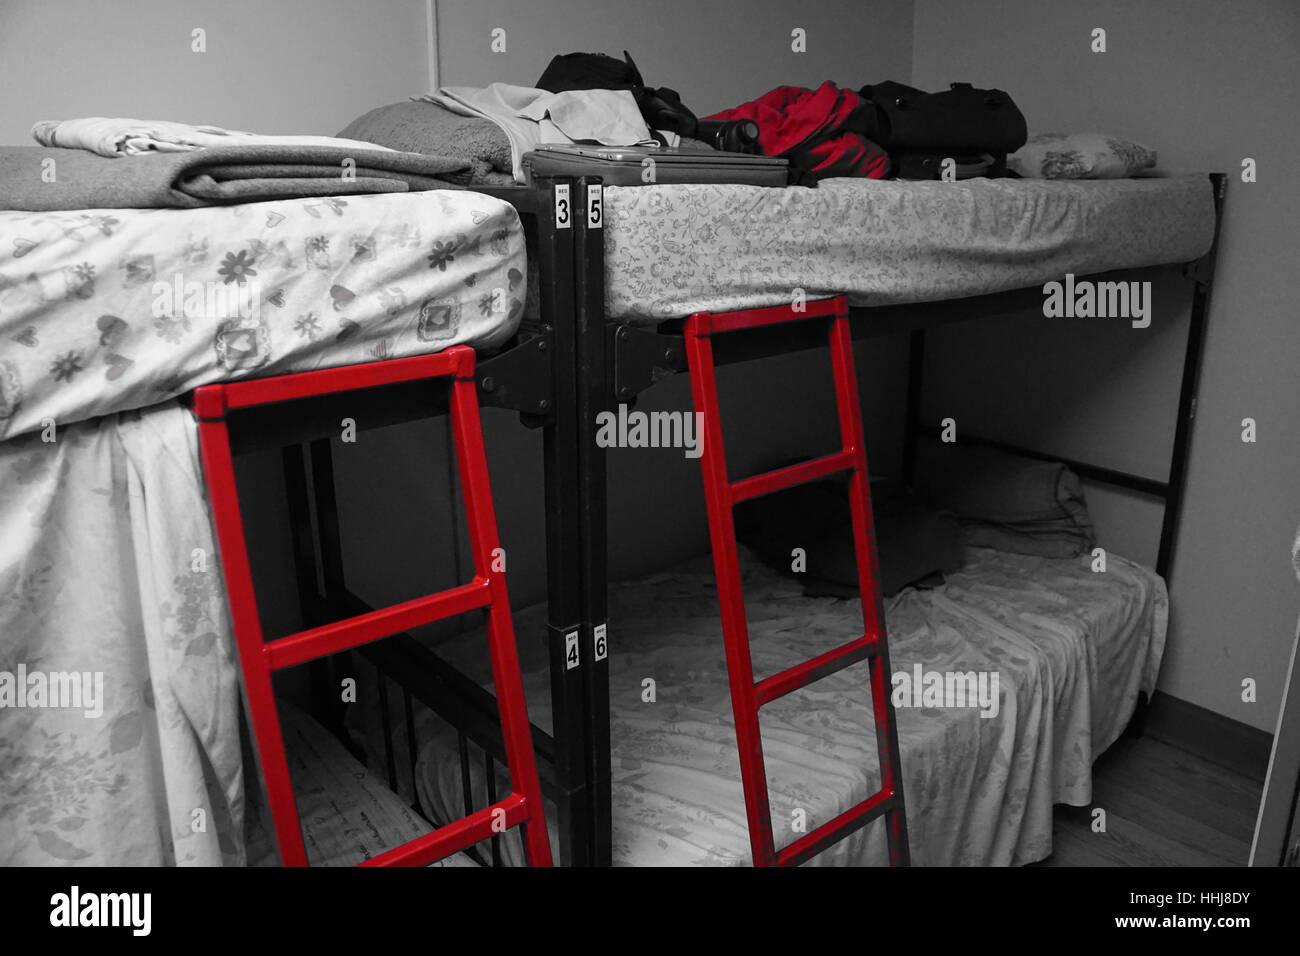 2 Letti A Castello.Bianco E Nero Hostel Stanza Del Dormitorio Con 2 Letti A Castello